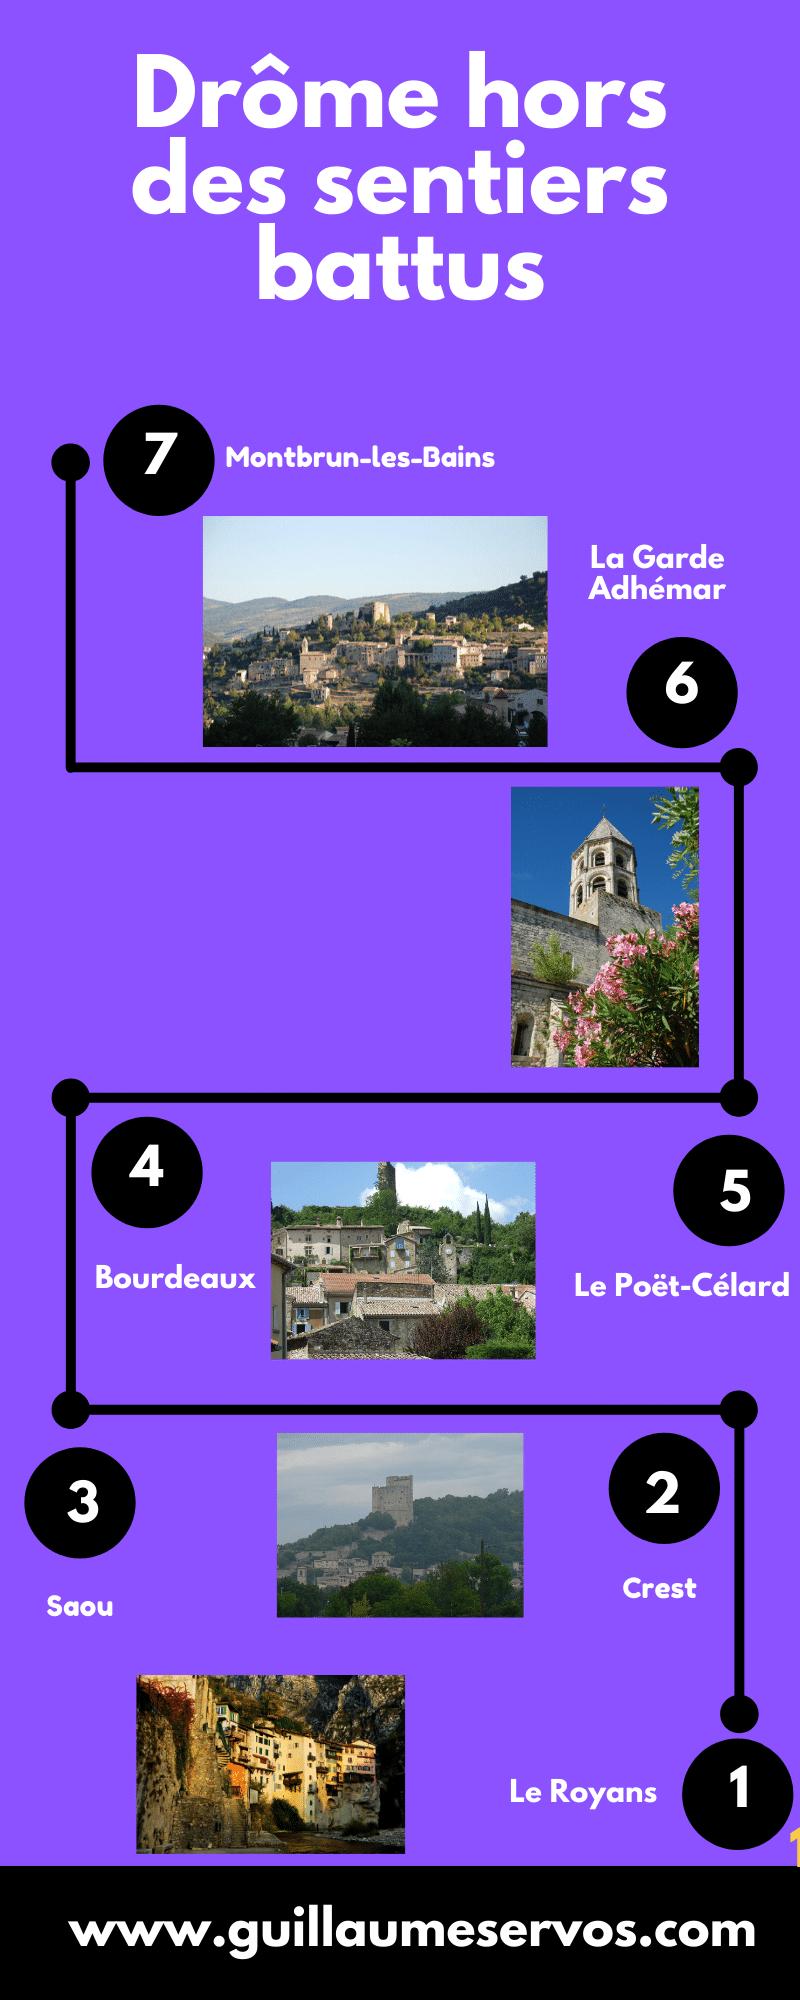 Tu pars dans la Drôme et tu as envie hors de sortir des sentiers battus. Tu es le bienvenu. Au menu : le Royans, Crest, La Garde Adhémar, Montbrun-les-Bains…